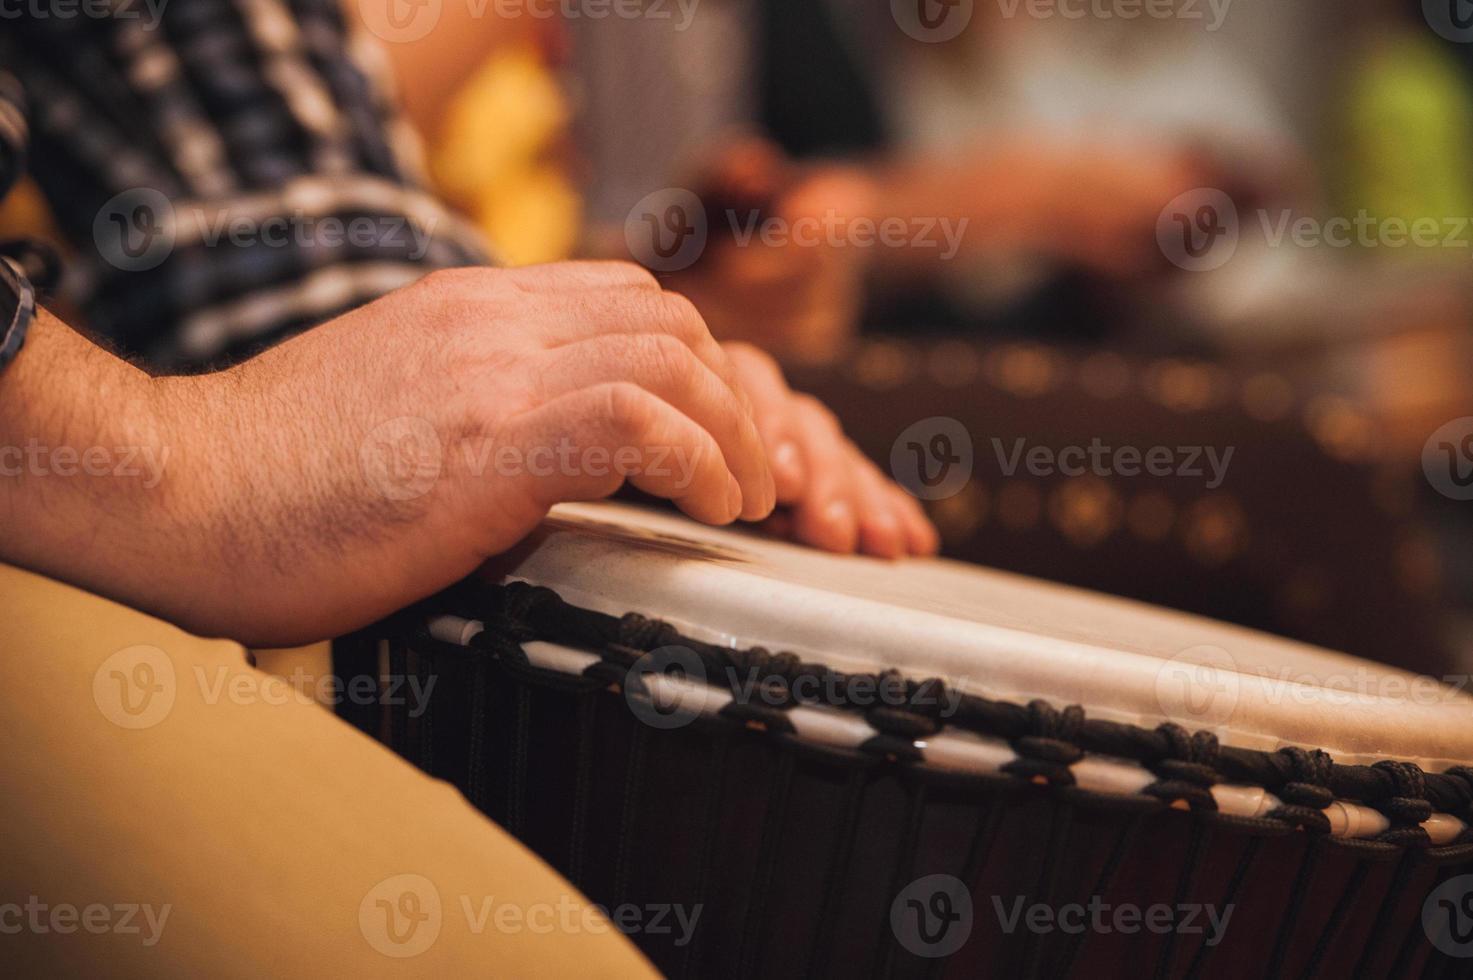 persoon die op jambe drum speelt geen gezicht foto